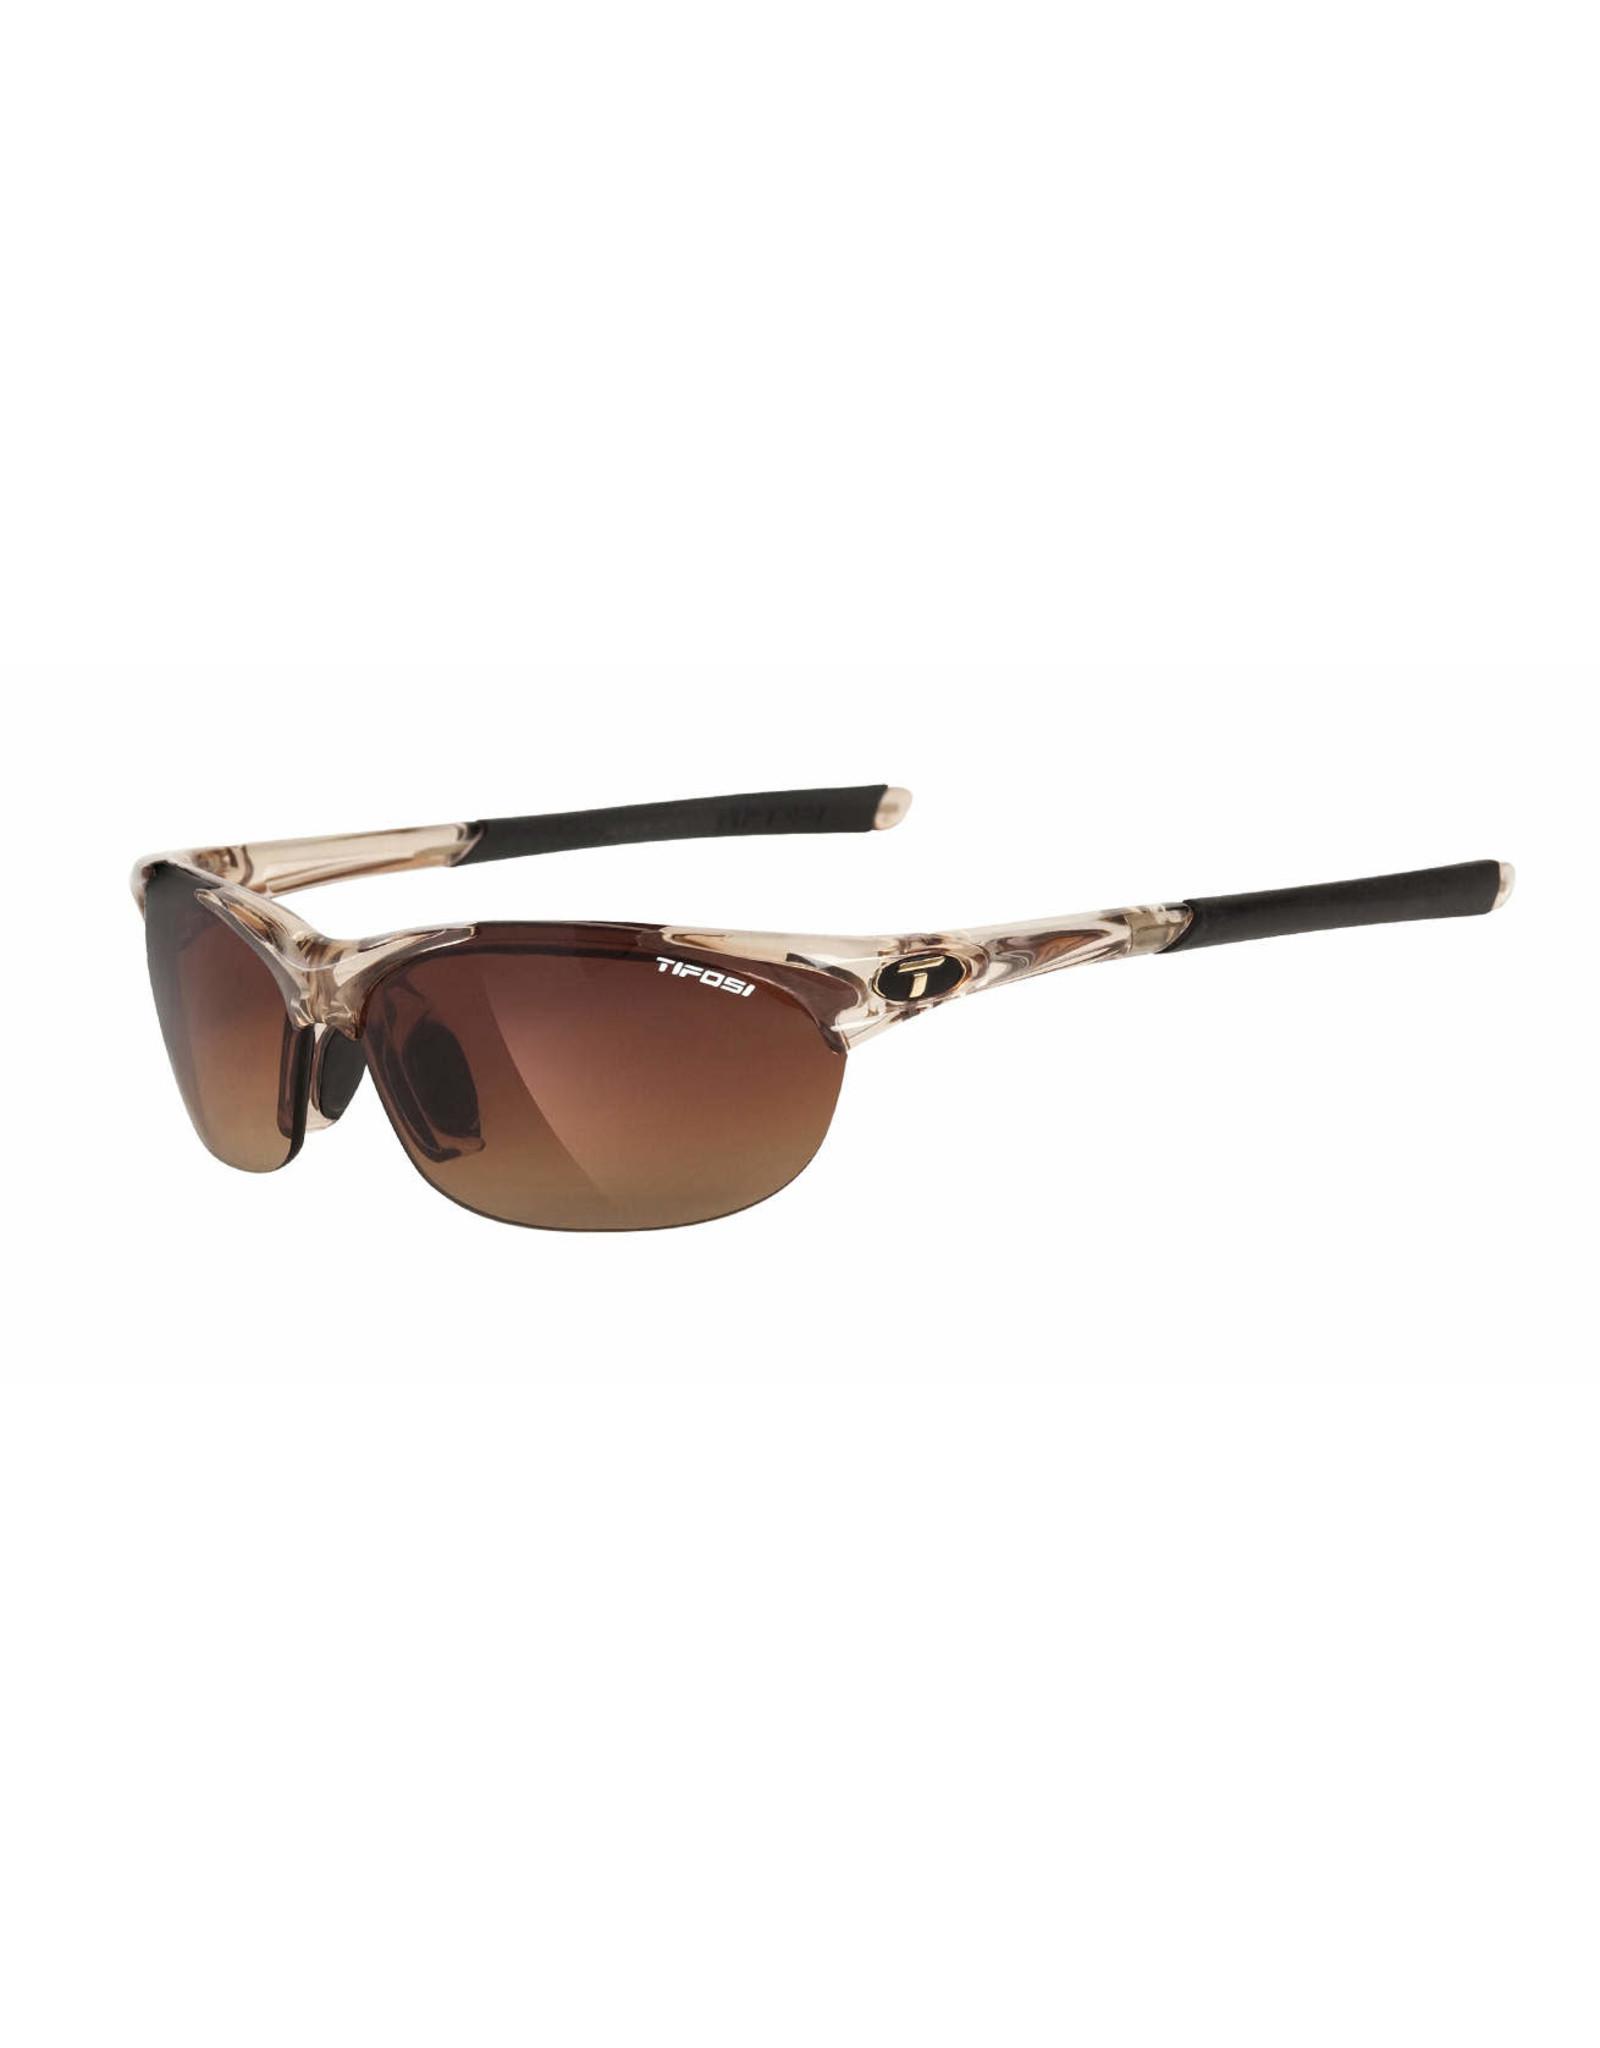 Wisp, Crystal Brown Brown Gradient Glasses